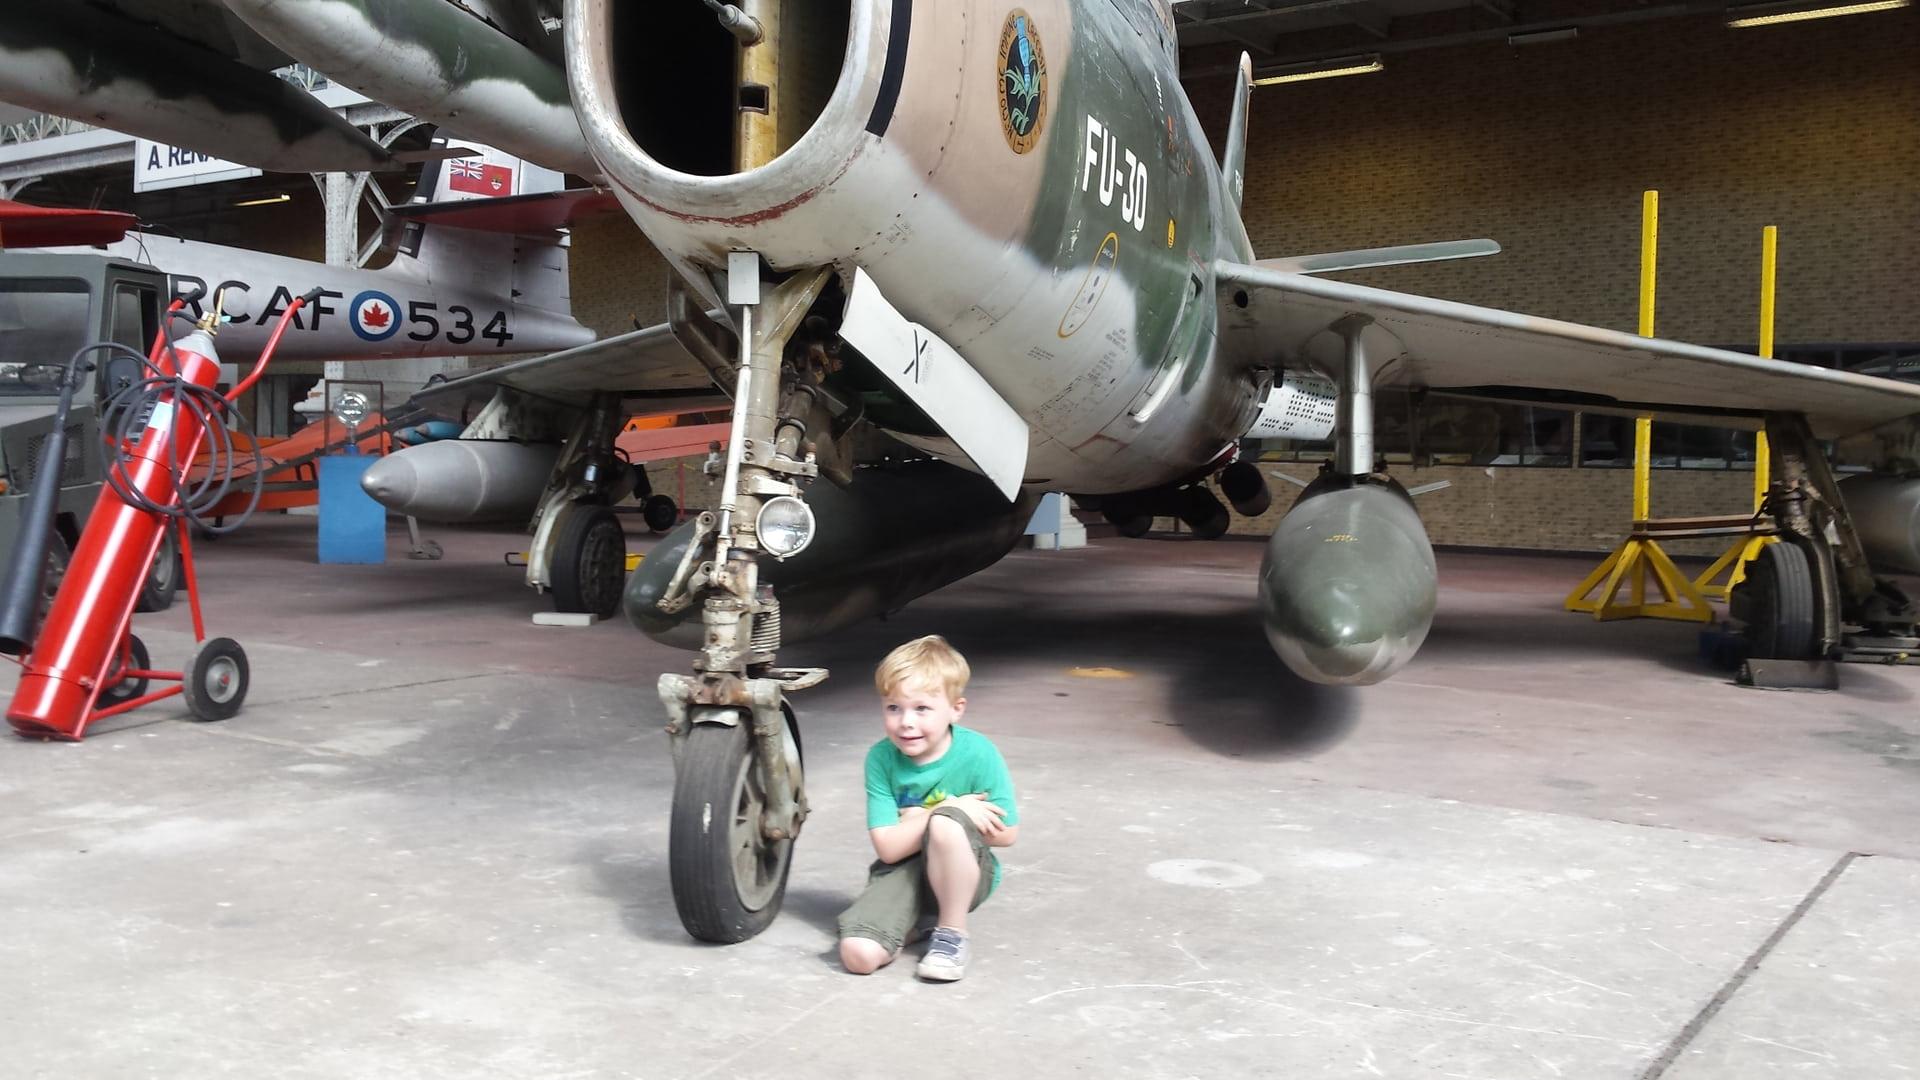 F84F Boet